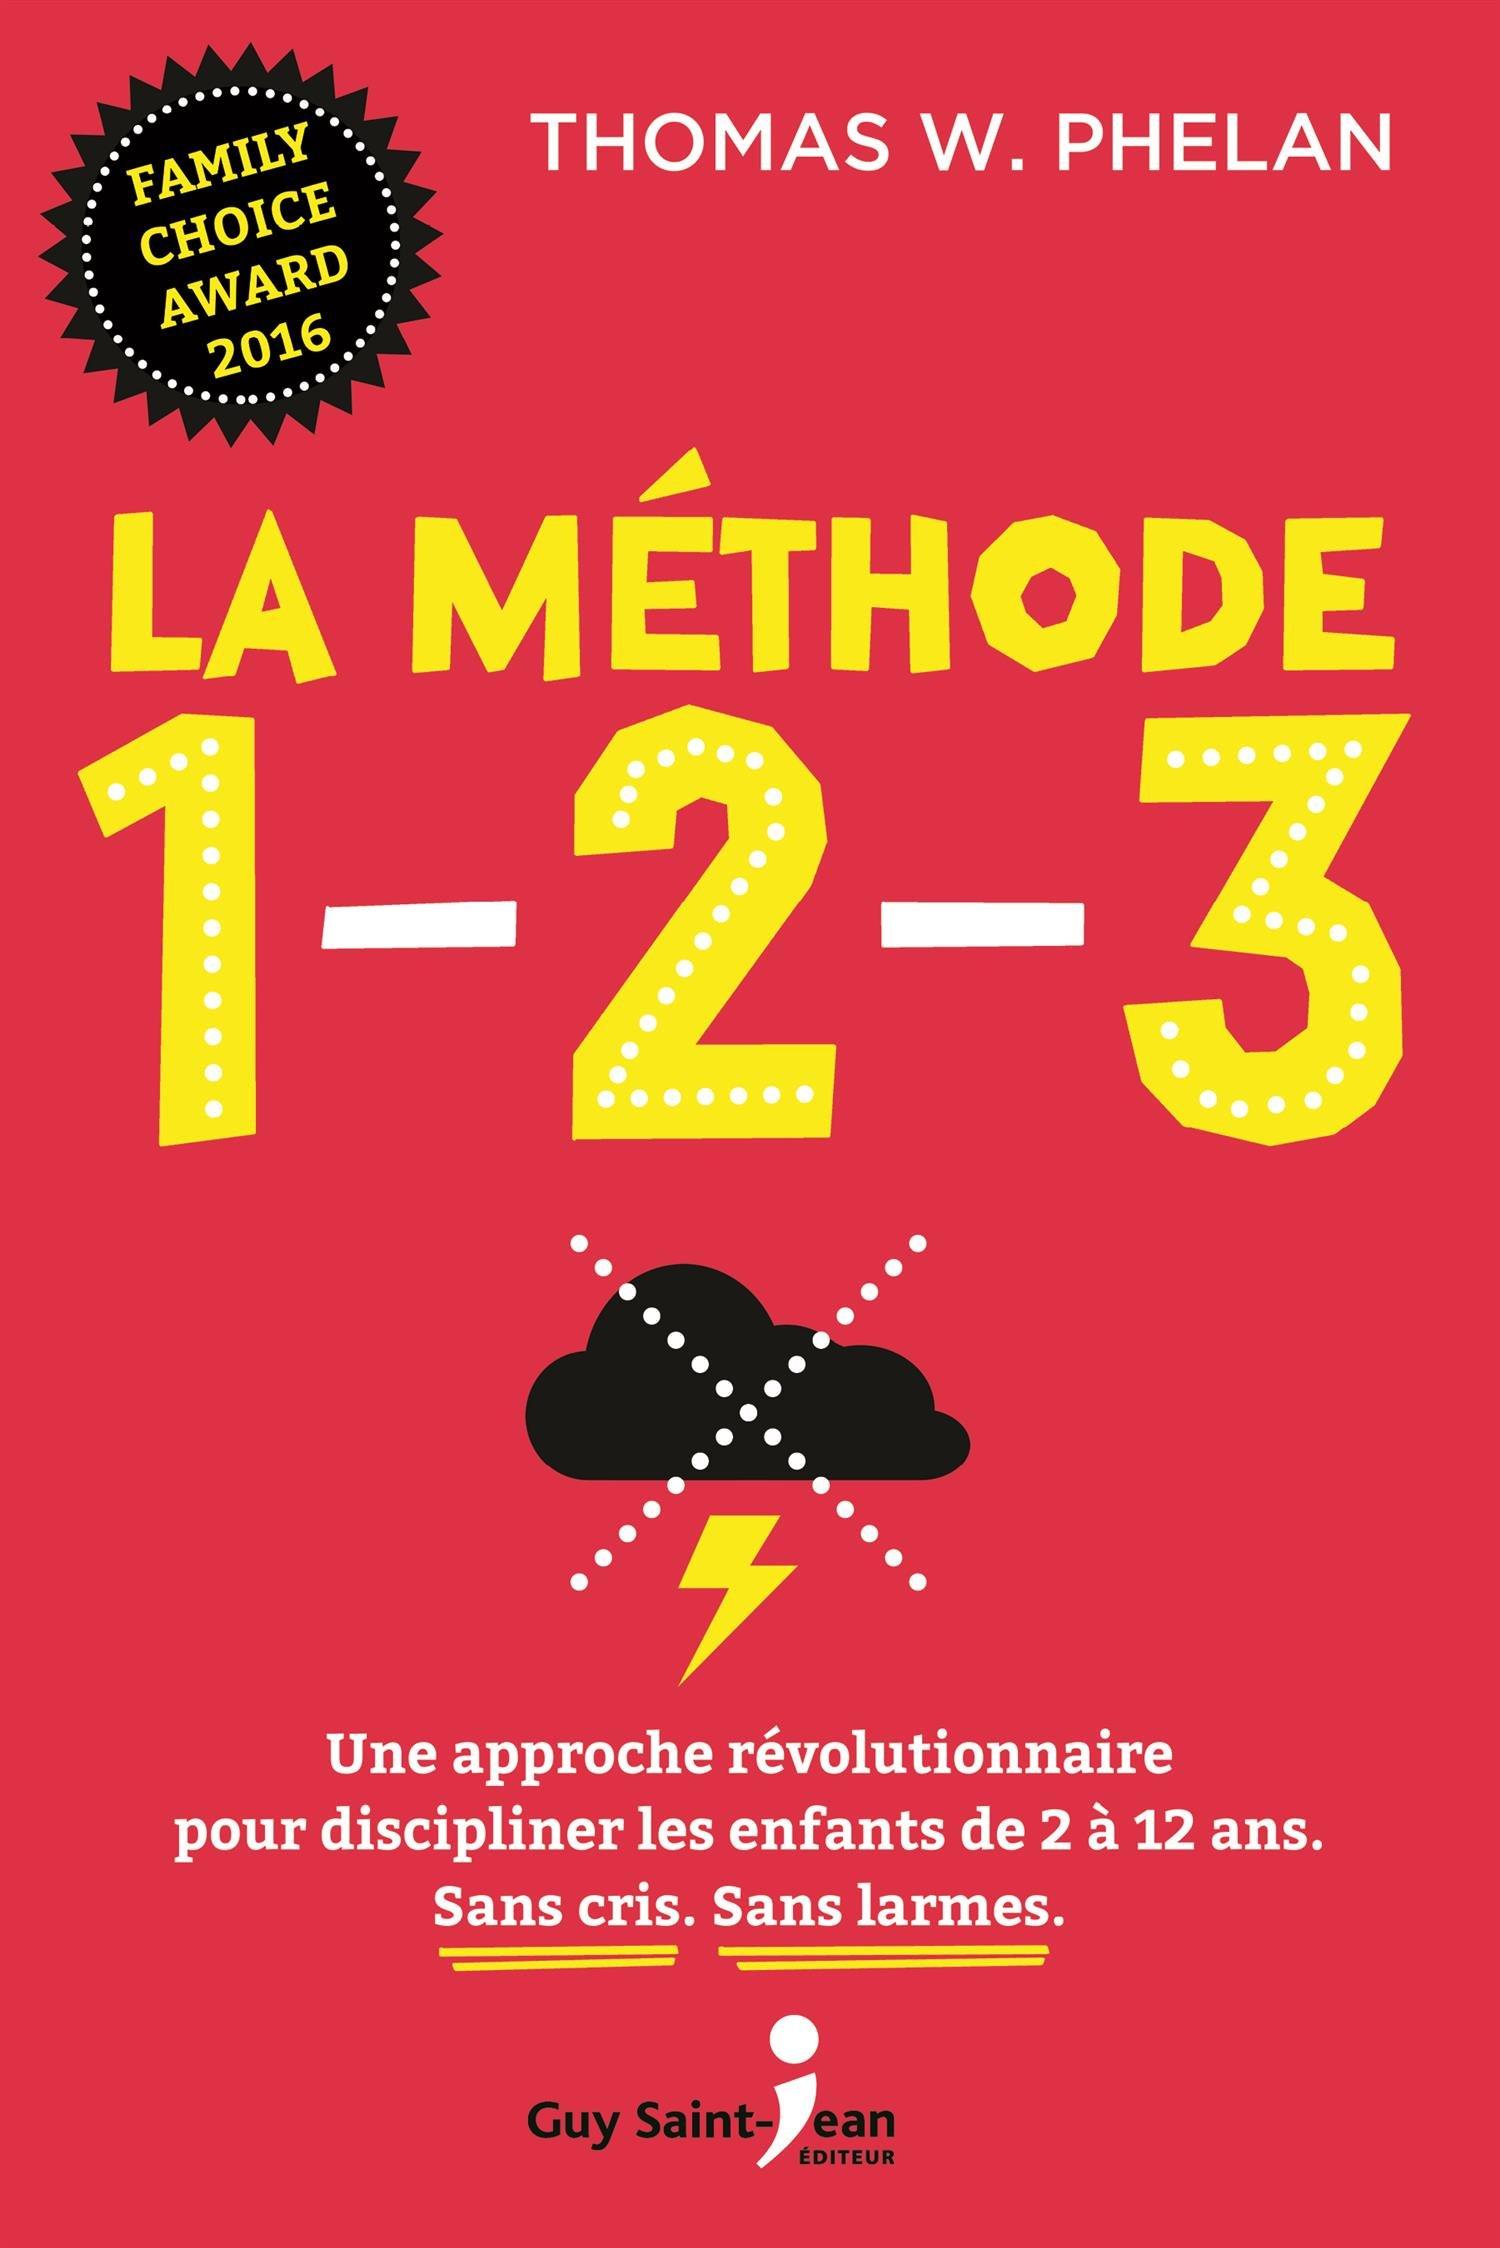 La méthode 1-2-3 : Une approche révolutionnaire pour discipliner: Thomas W.  Phelan: 9782897581824: Books - Amazon.ca